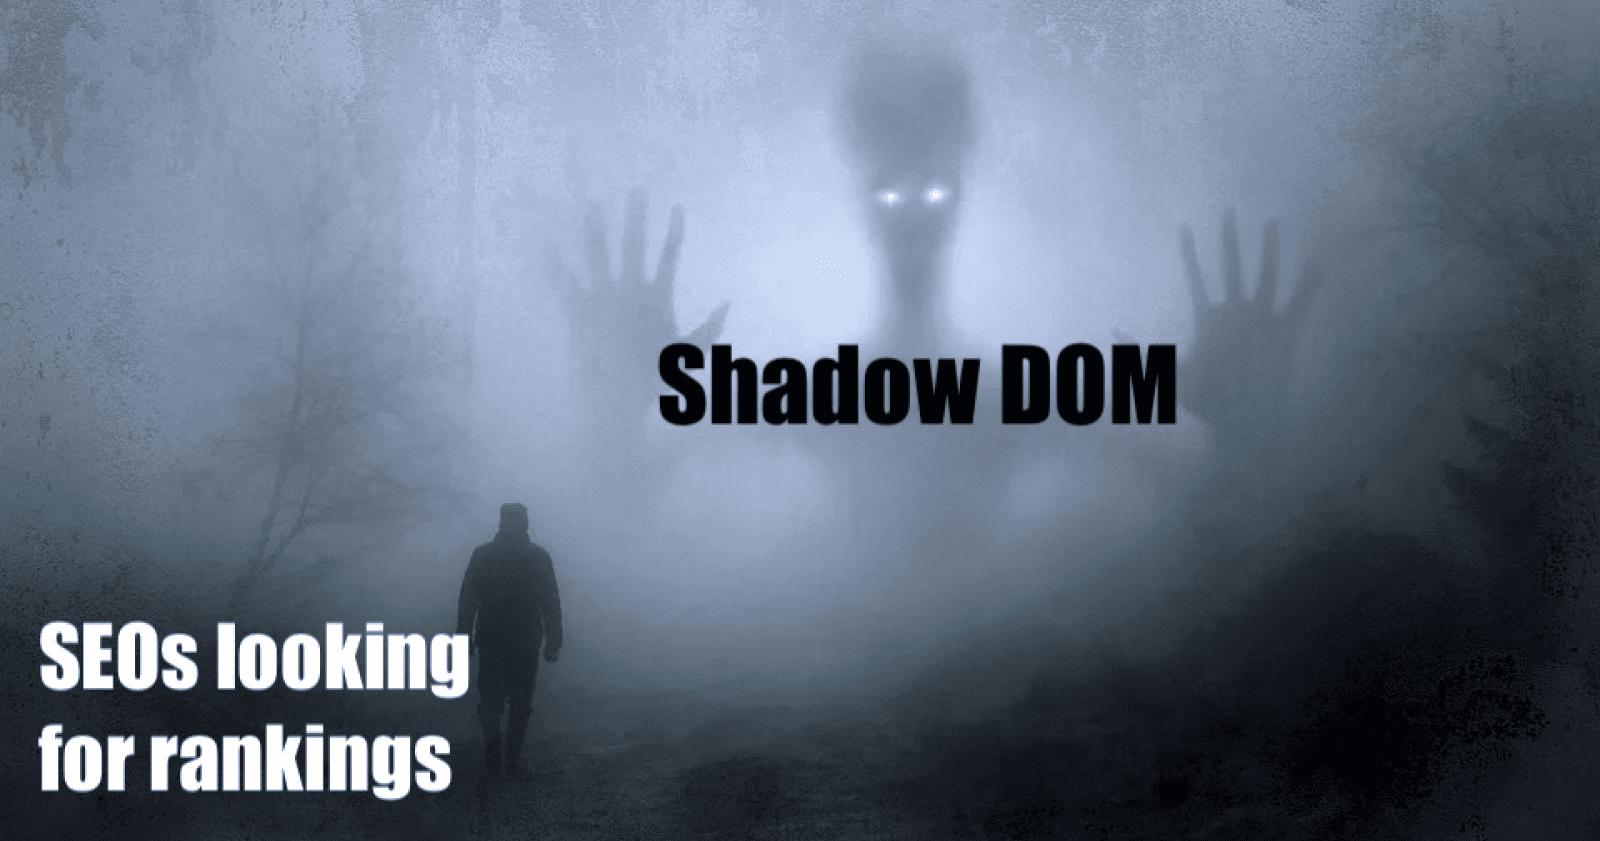 https://www.searchenginejournal.com/shadow-dom/353644/#close